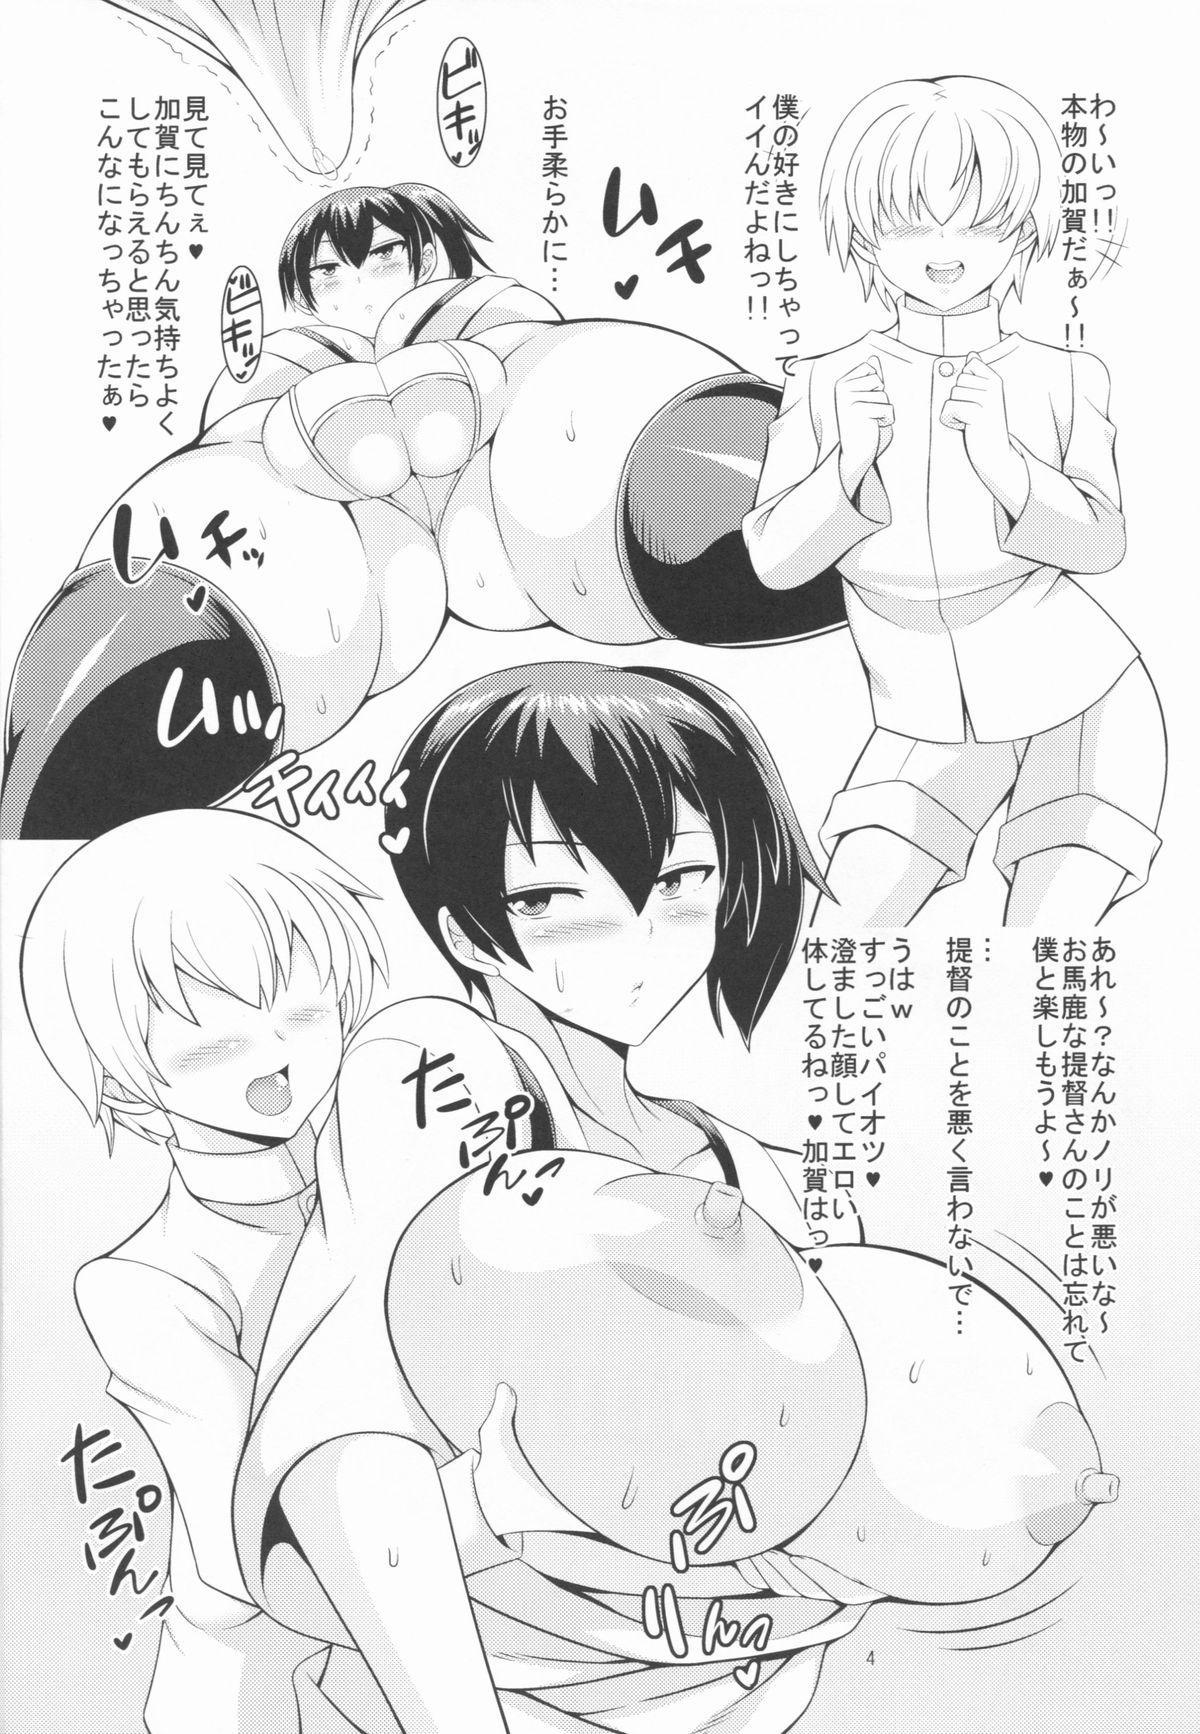 Kaga-san ga ShotaChin de Nhoo♥ suru Hon Kai 3